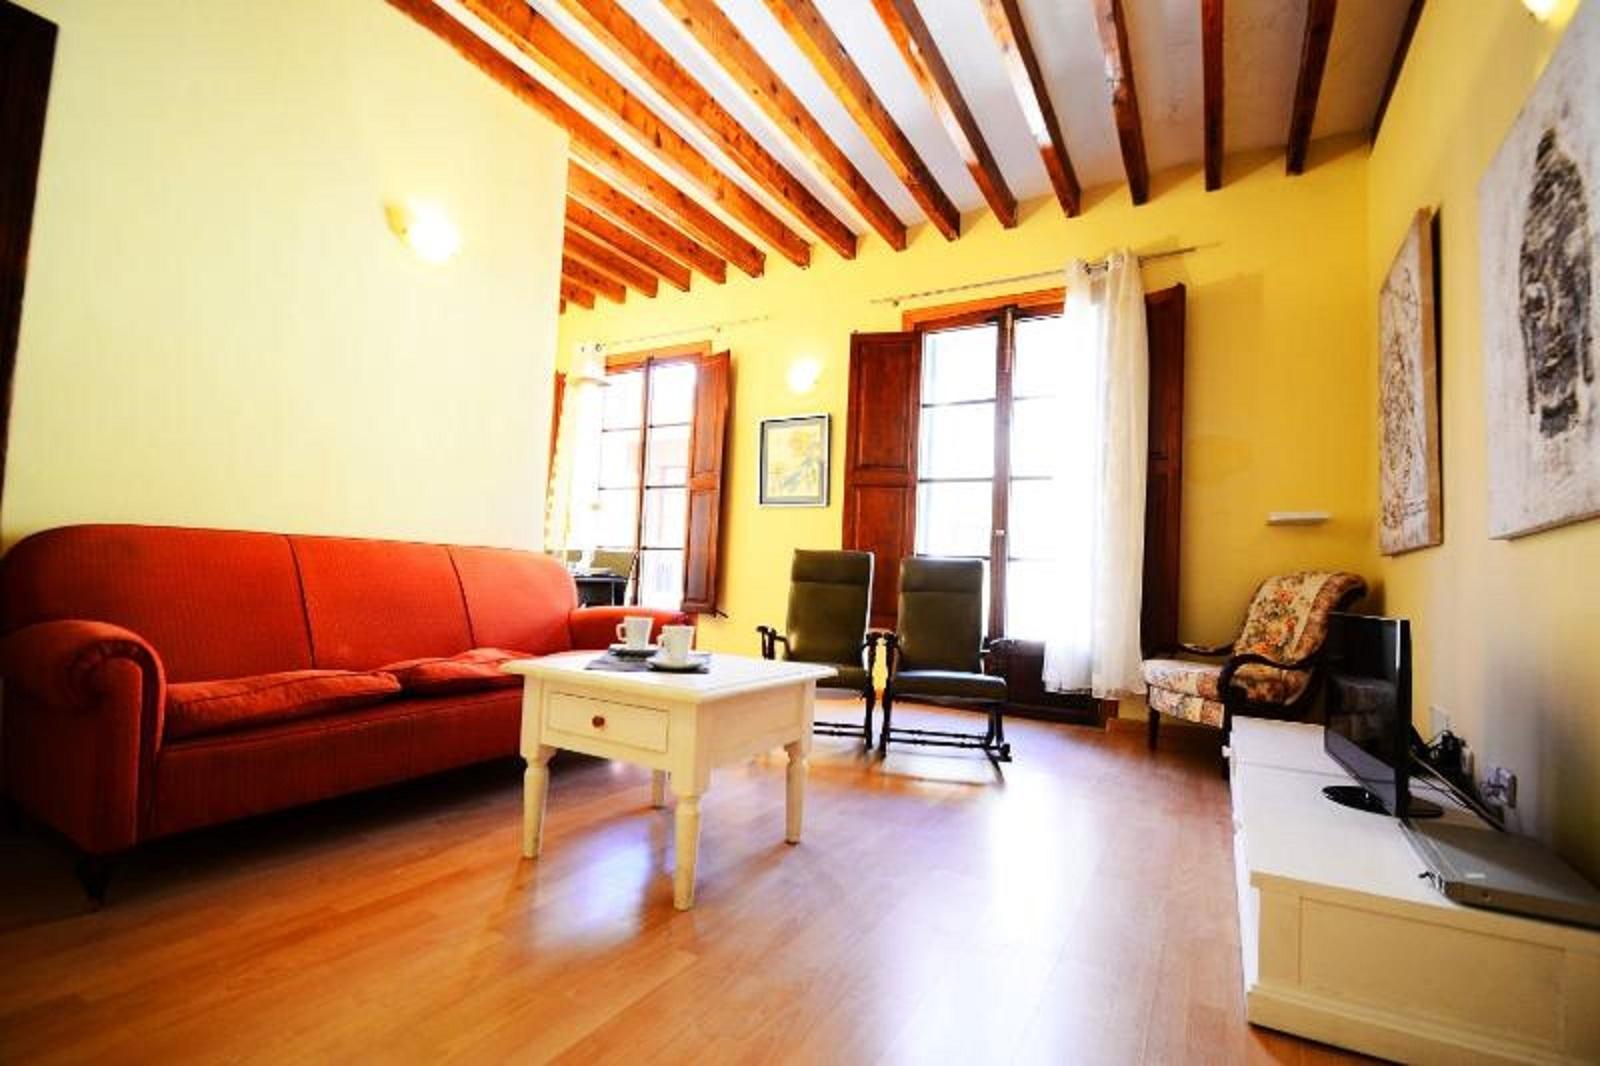 102356 -  Apartment in Palma de Mallorca